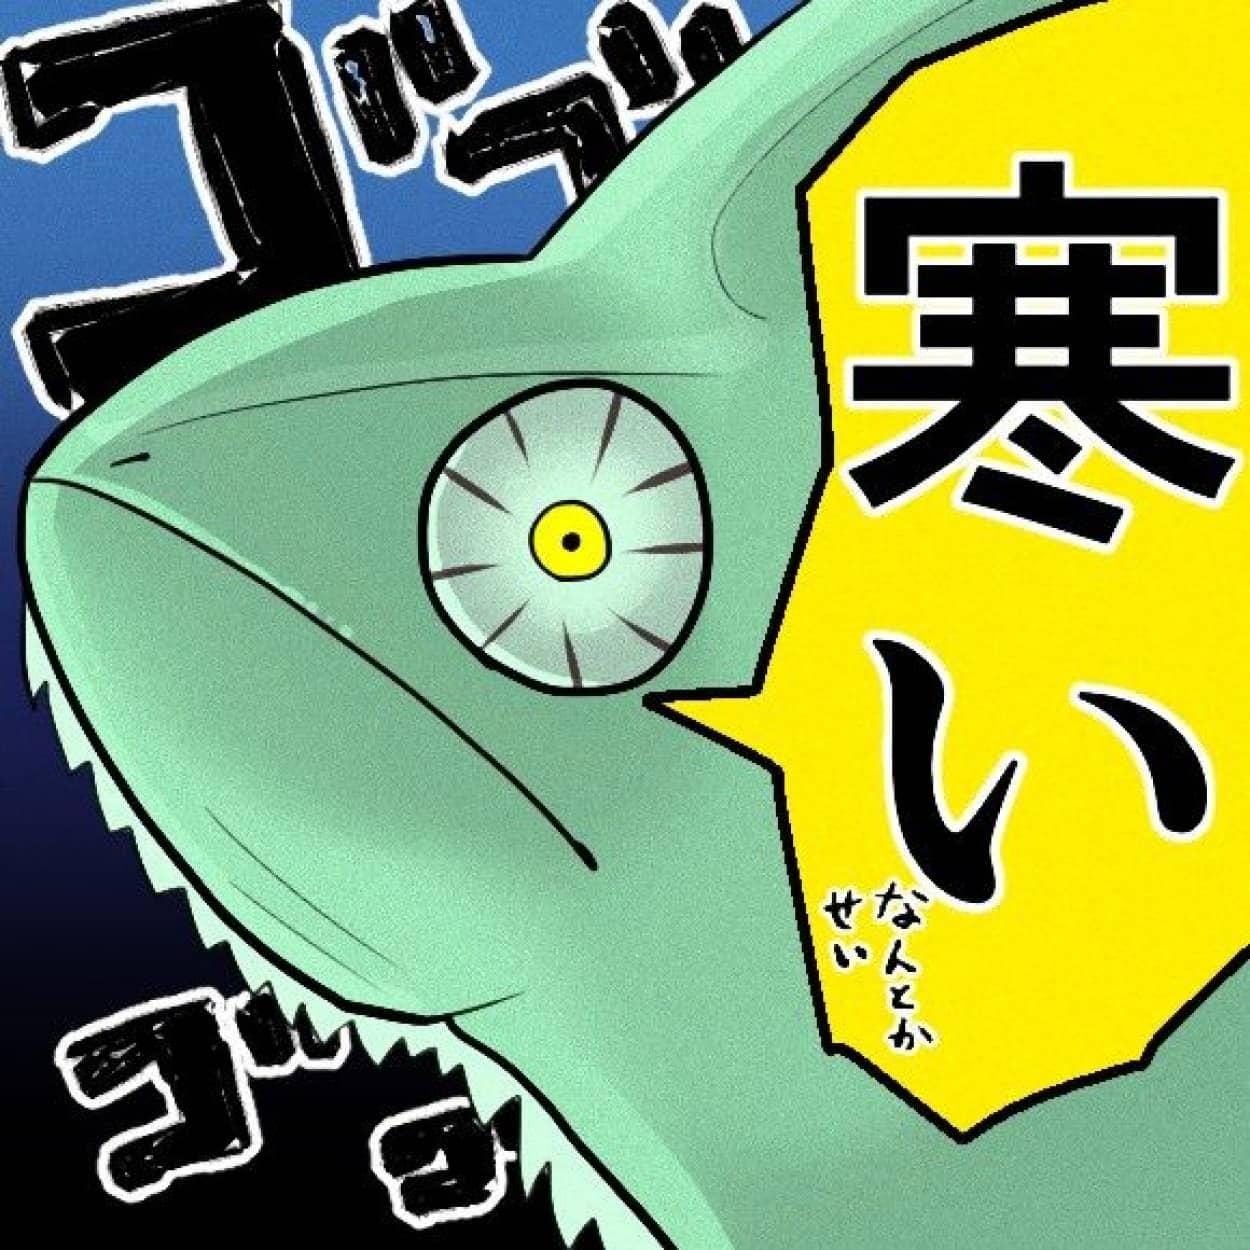 3話トップ画載せる用_e